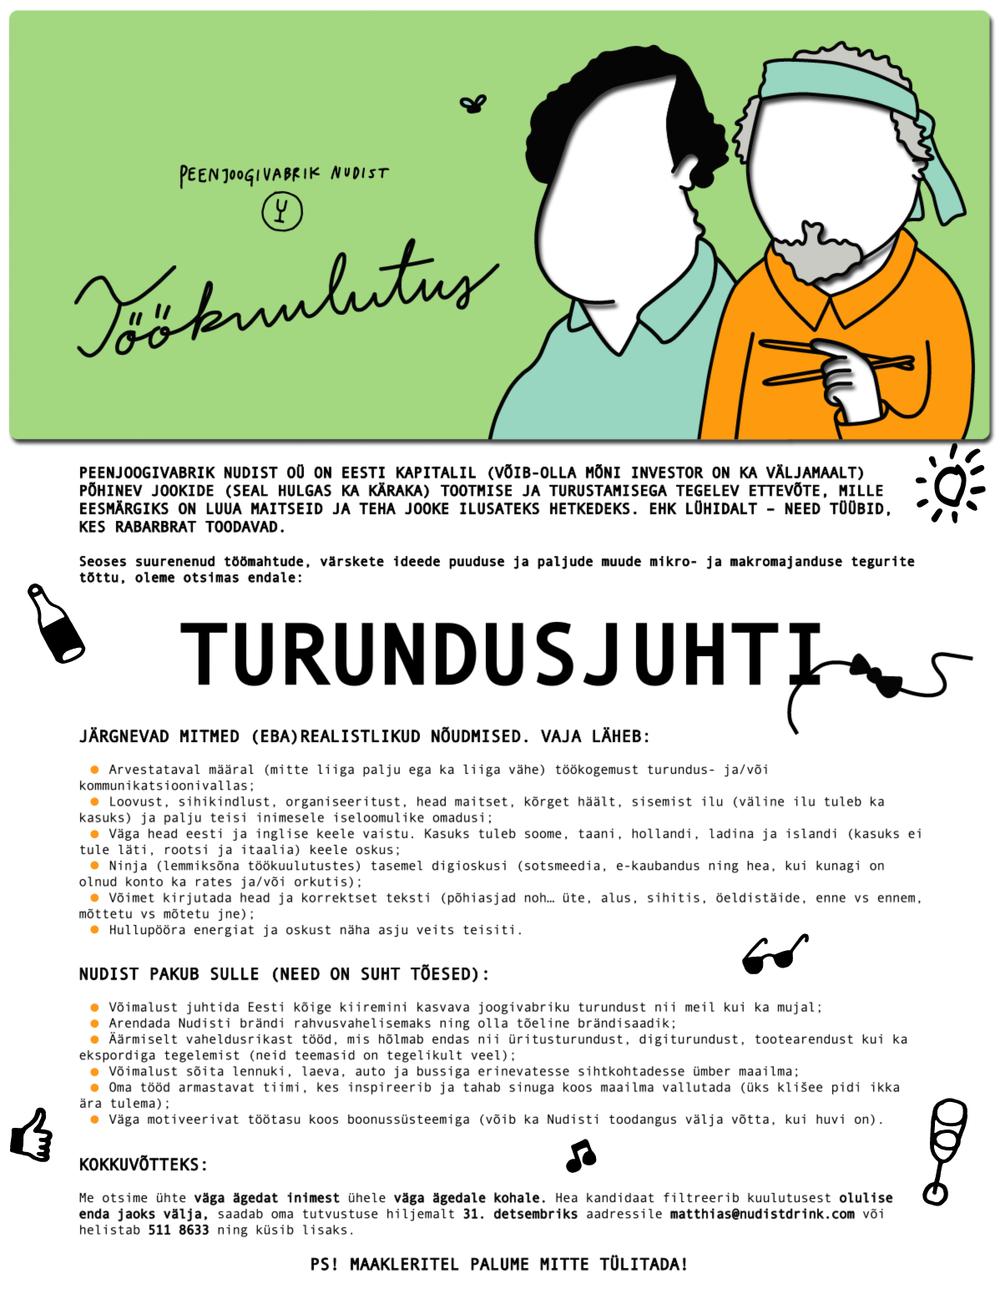 Nudist_Turundusjuht_31dets.png